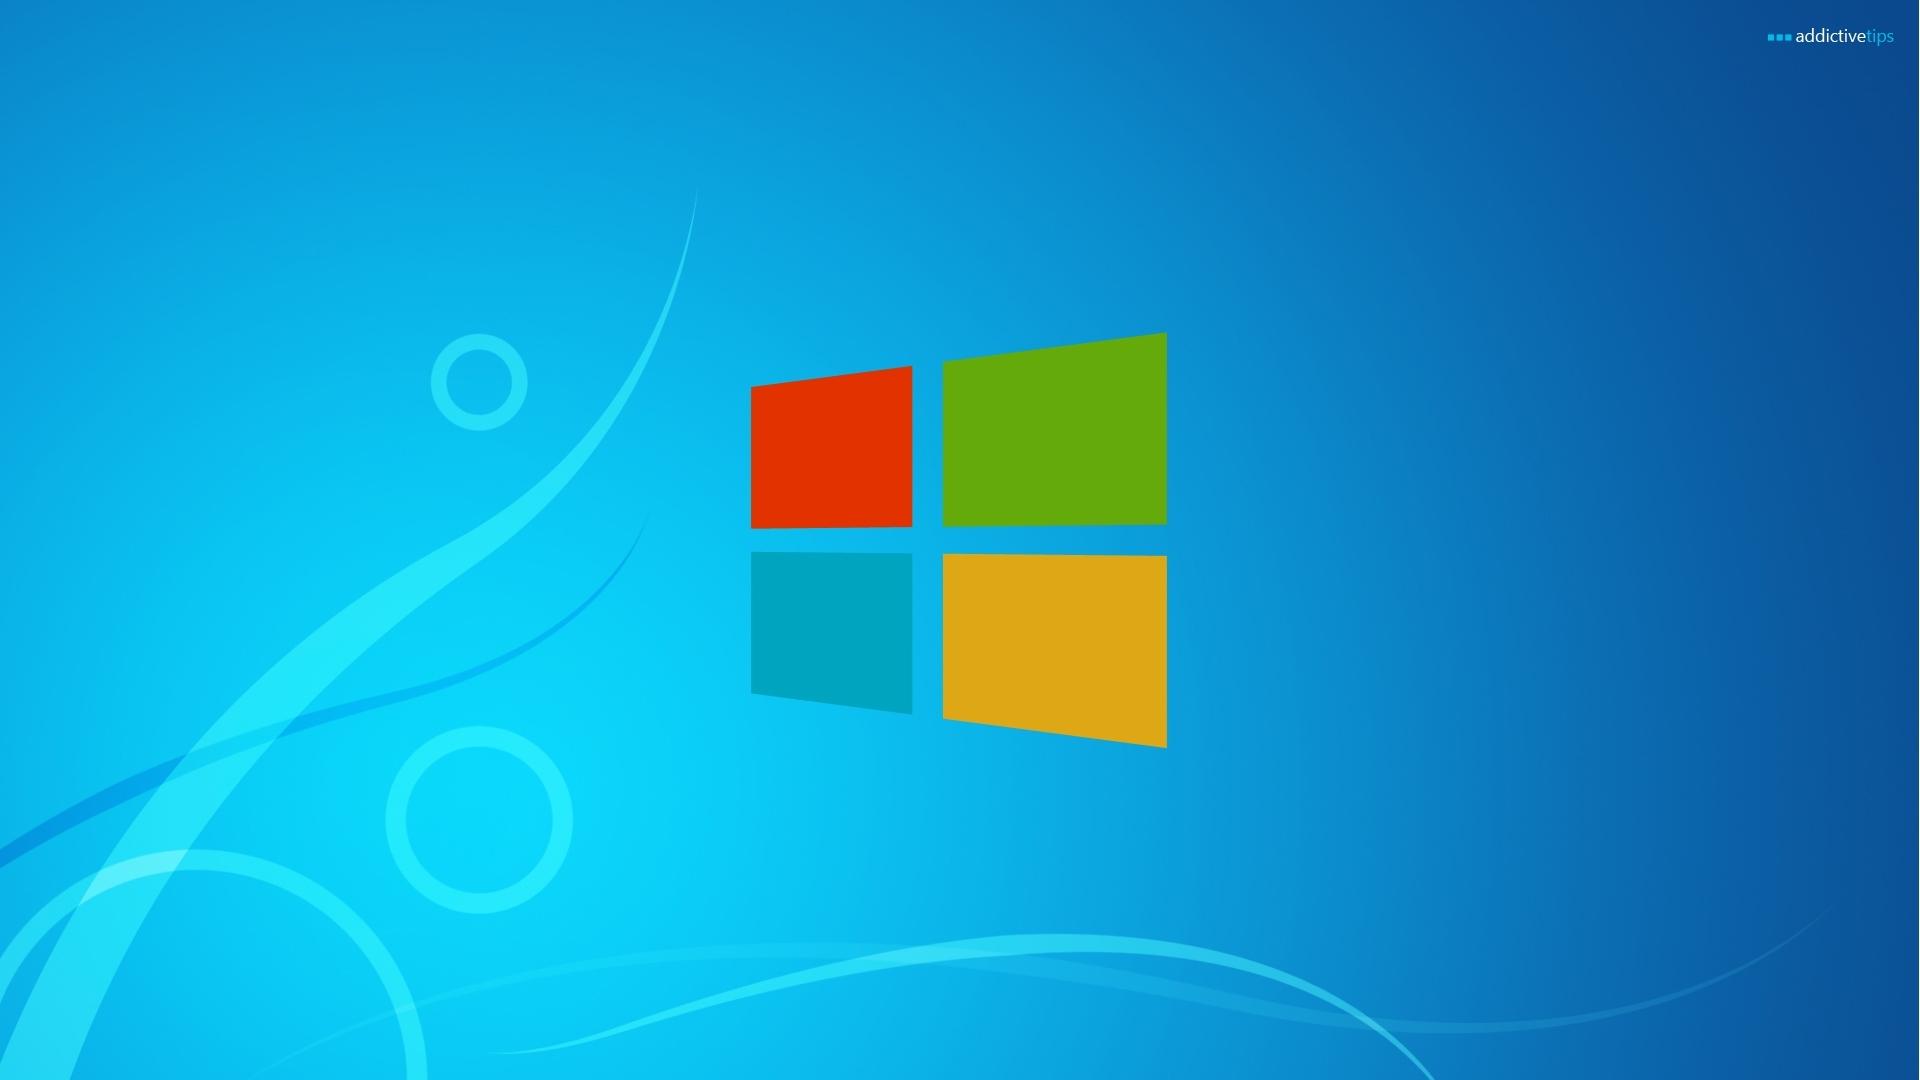 windows 8 wallpaper 2463 1920x1080 px ~ hdwallsource